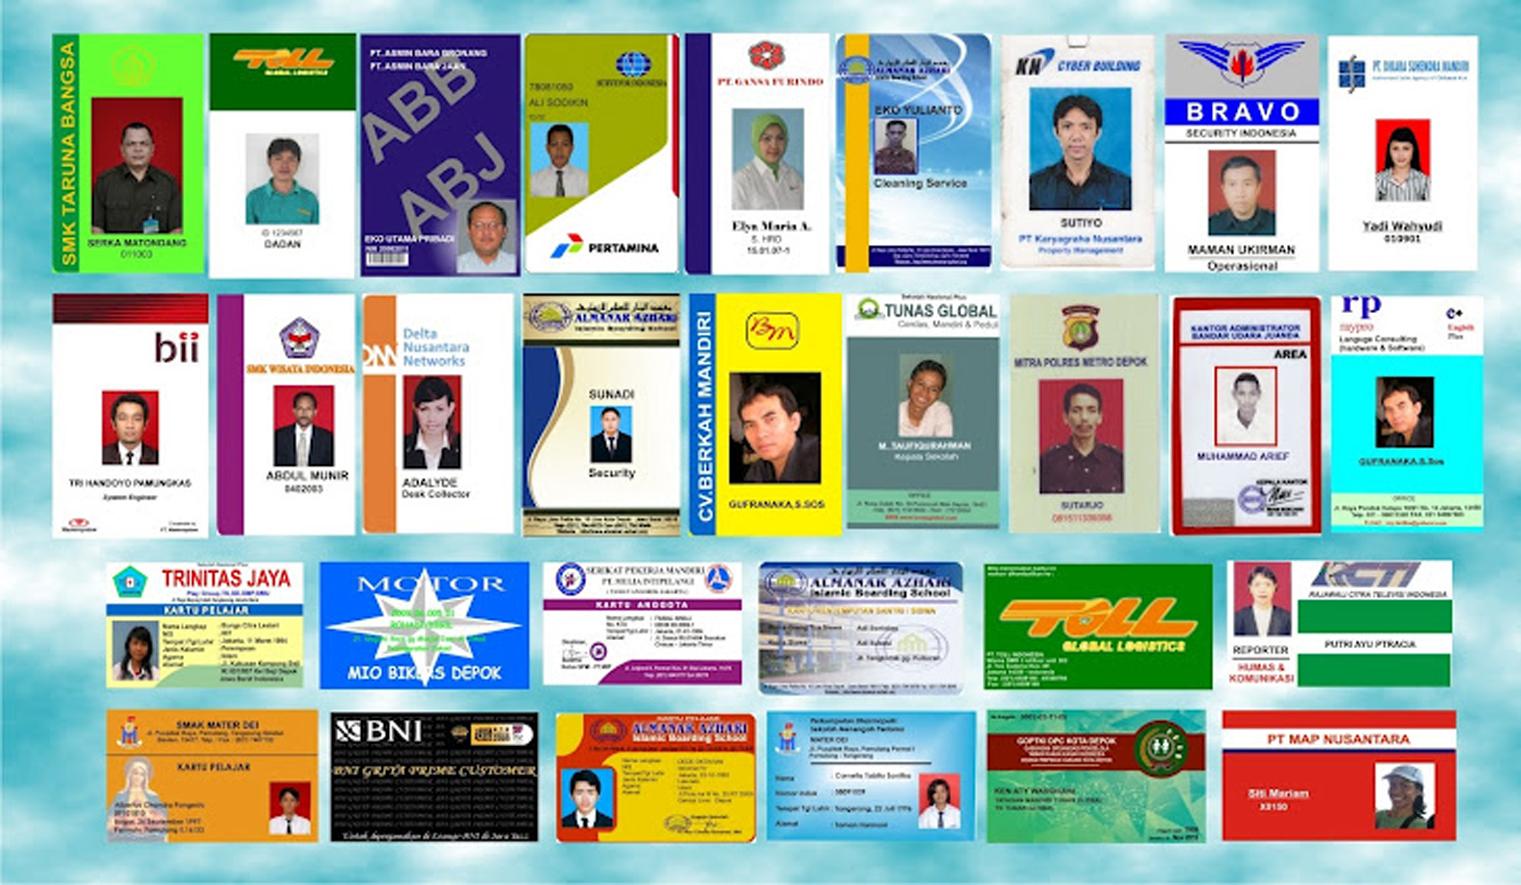 Jasa Cetak Kartu Id Card Jakarta Putra Mandiri